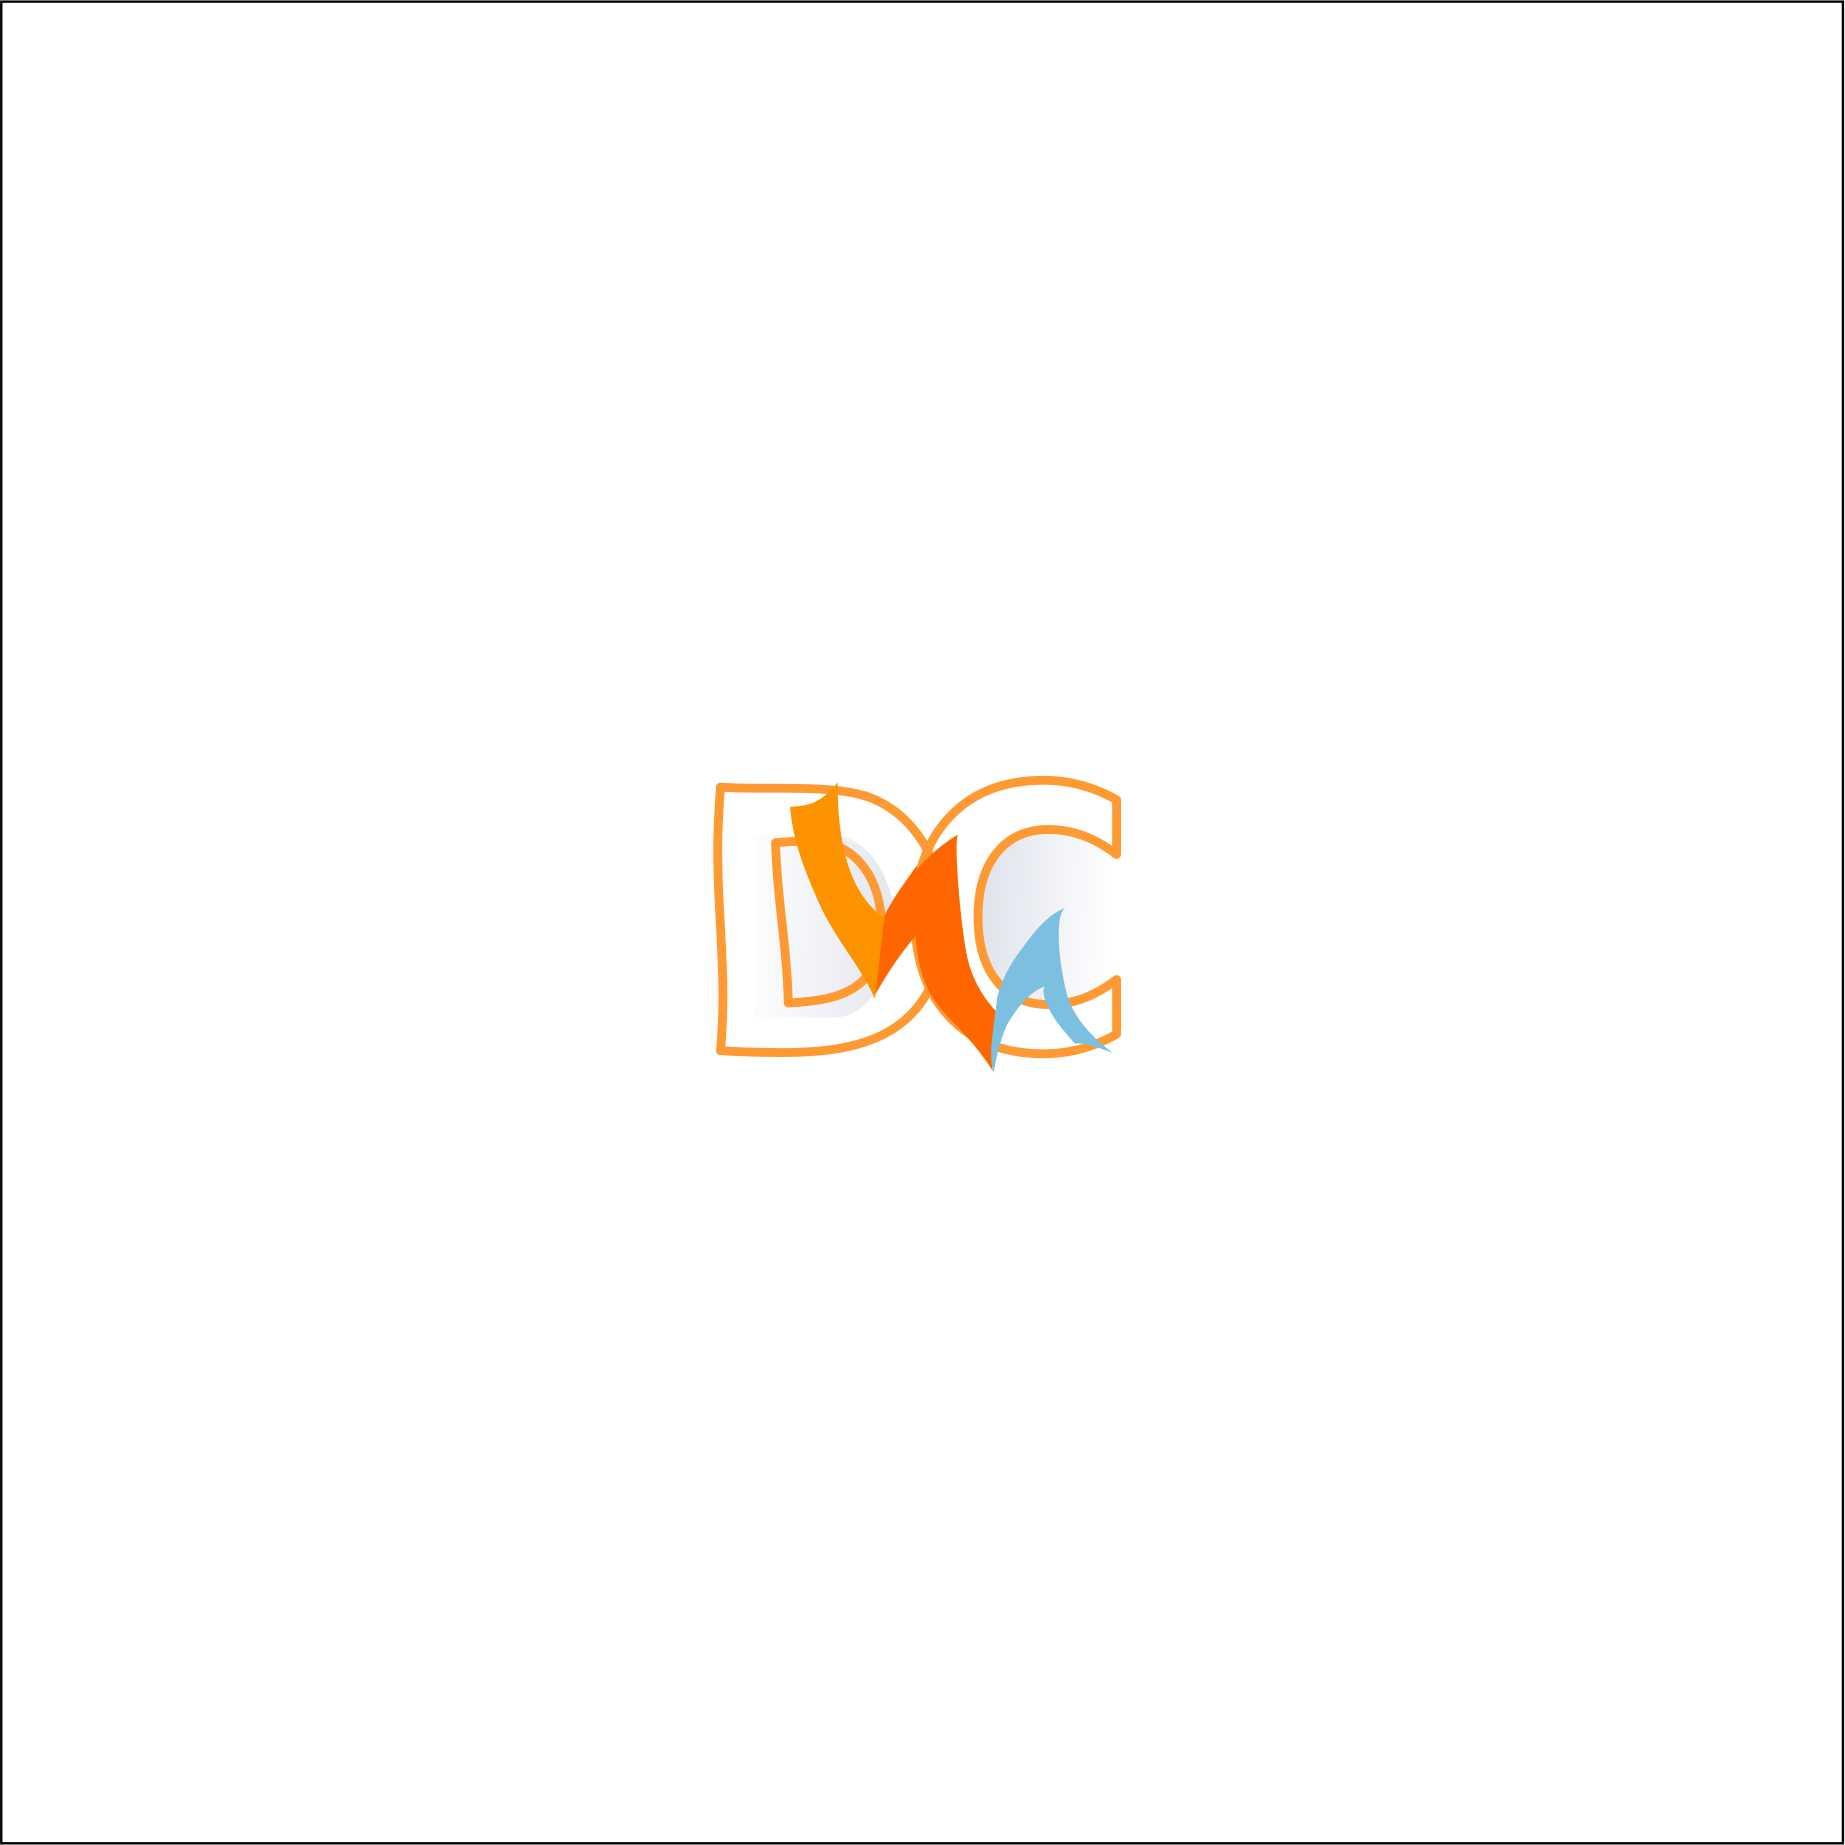 Разработка лого для спортивного портала www.danceconnect.ru фото f_9155b41db1f5b681.jpg